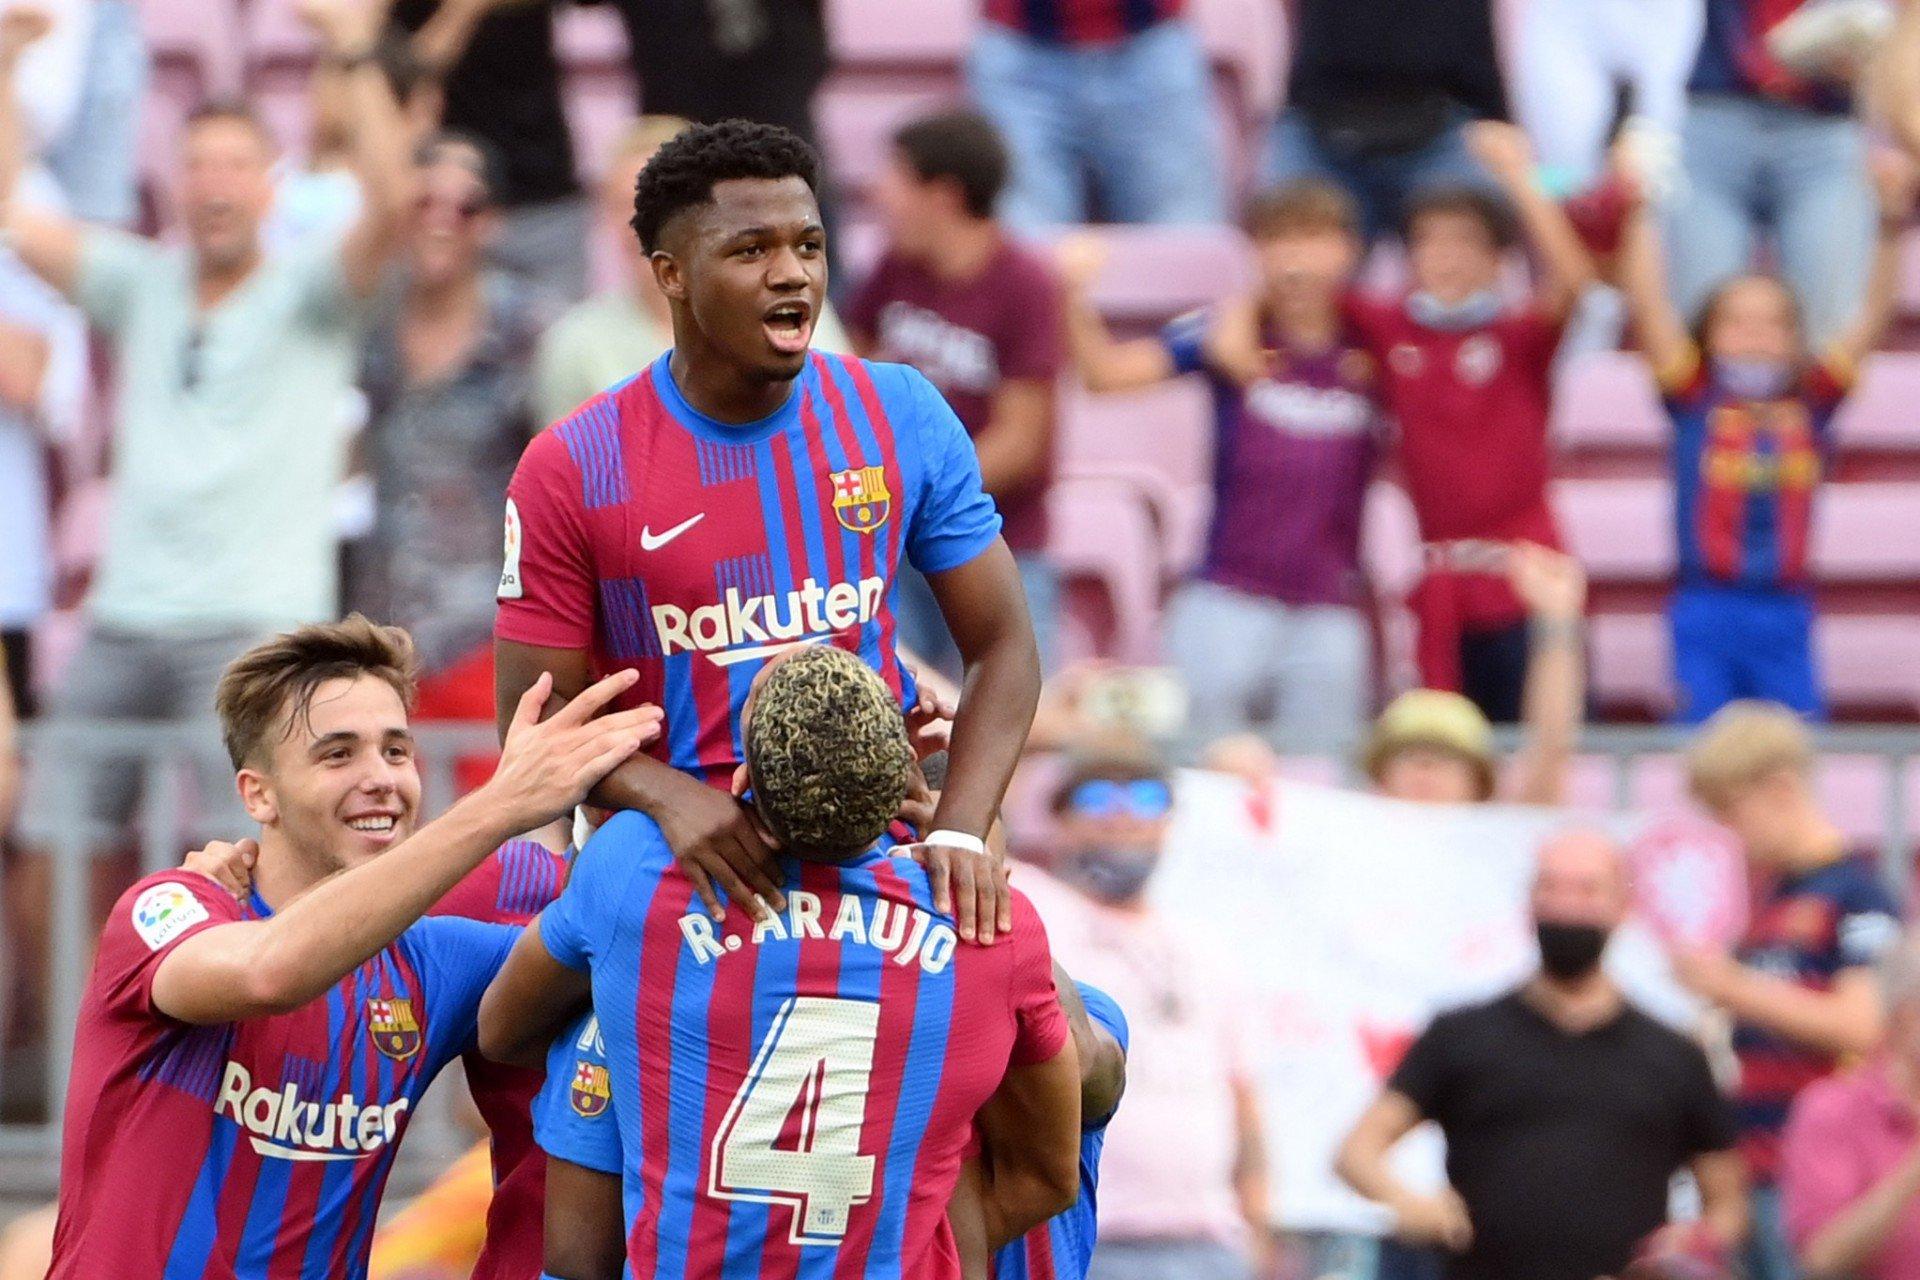 Herdeiro de Messi? Dono da 10, Ansu Fati tem volta triunfal em vitória do Barça